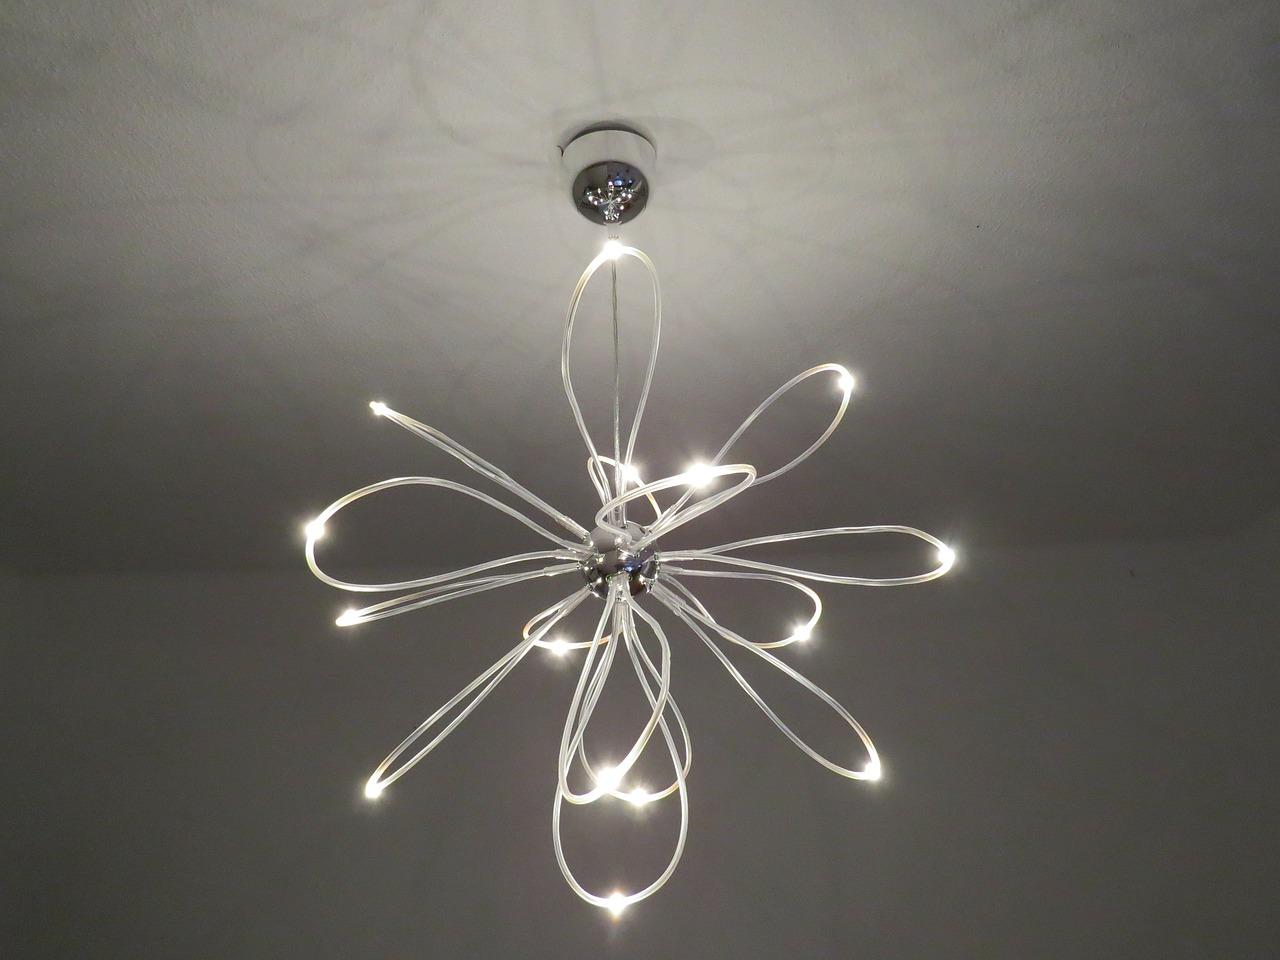 La technologie LED plus chère que ses concurrentes?